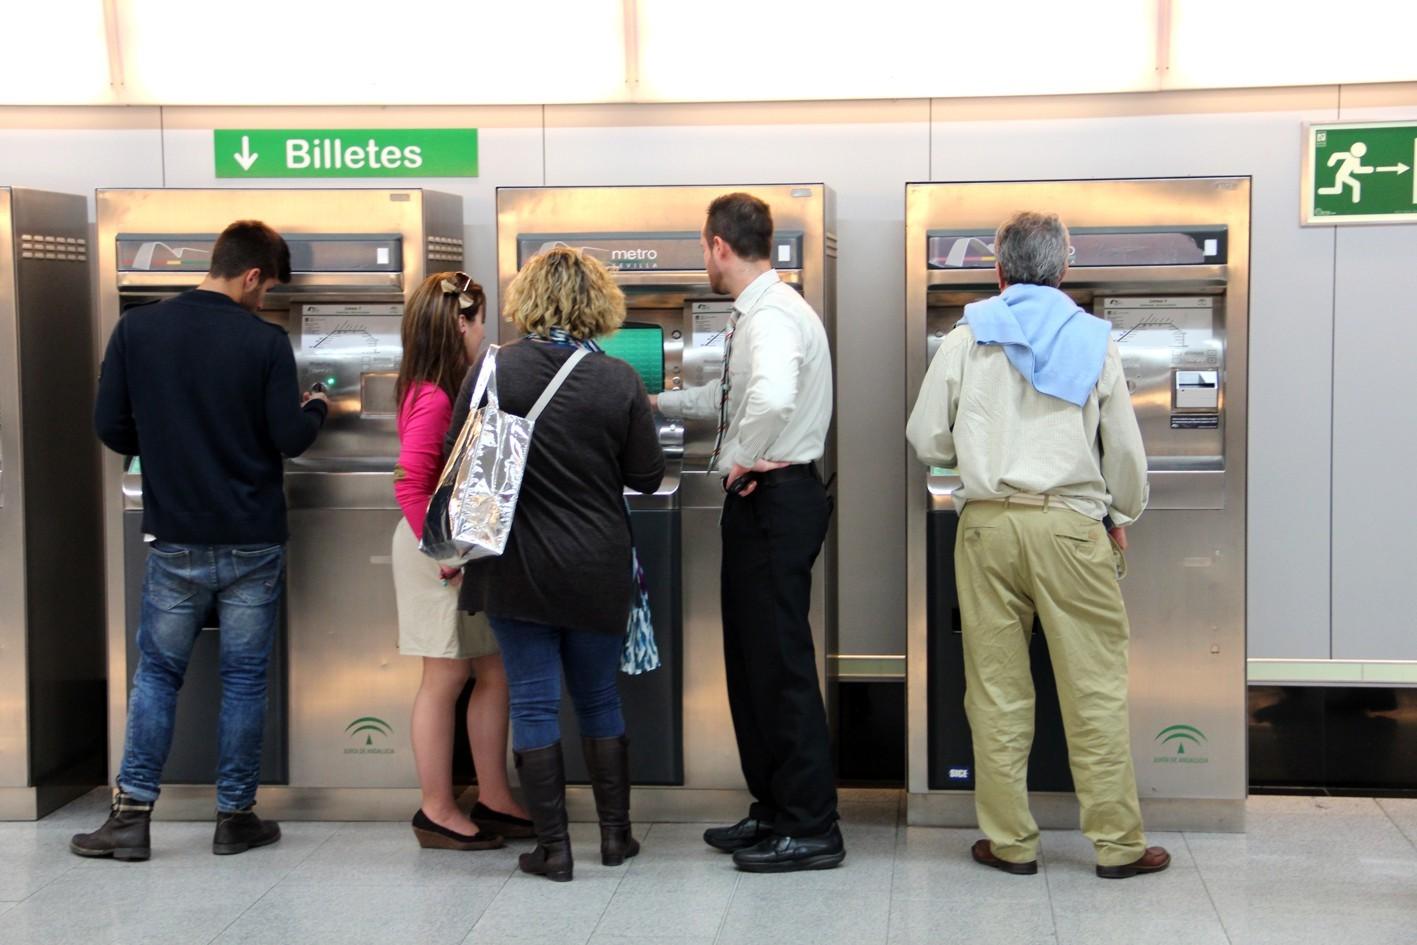 los viajeros de metro han aumentado en este trimestre con respecto al año anterior.